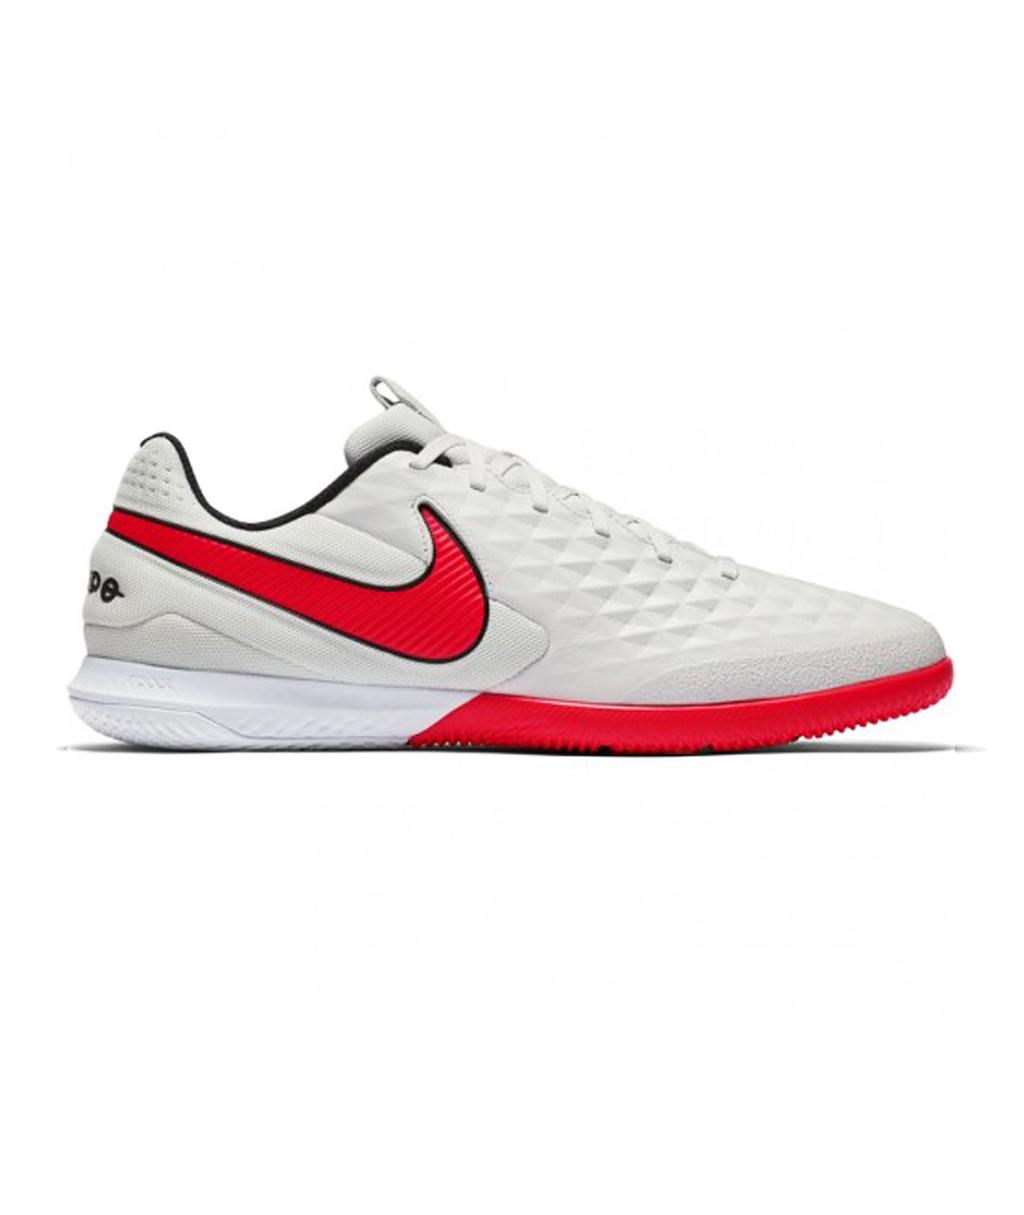 Купить футзалки Nike React Legend VIII PRO IC в интернет-магазине